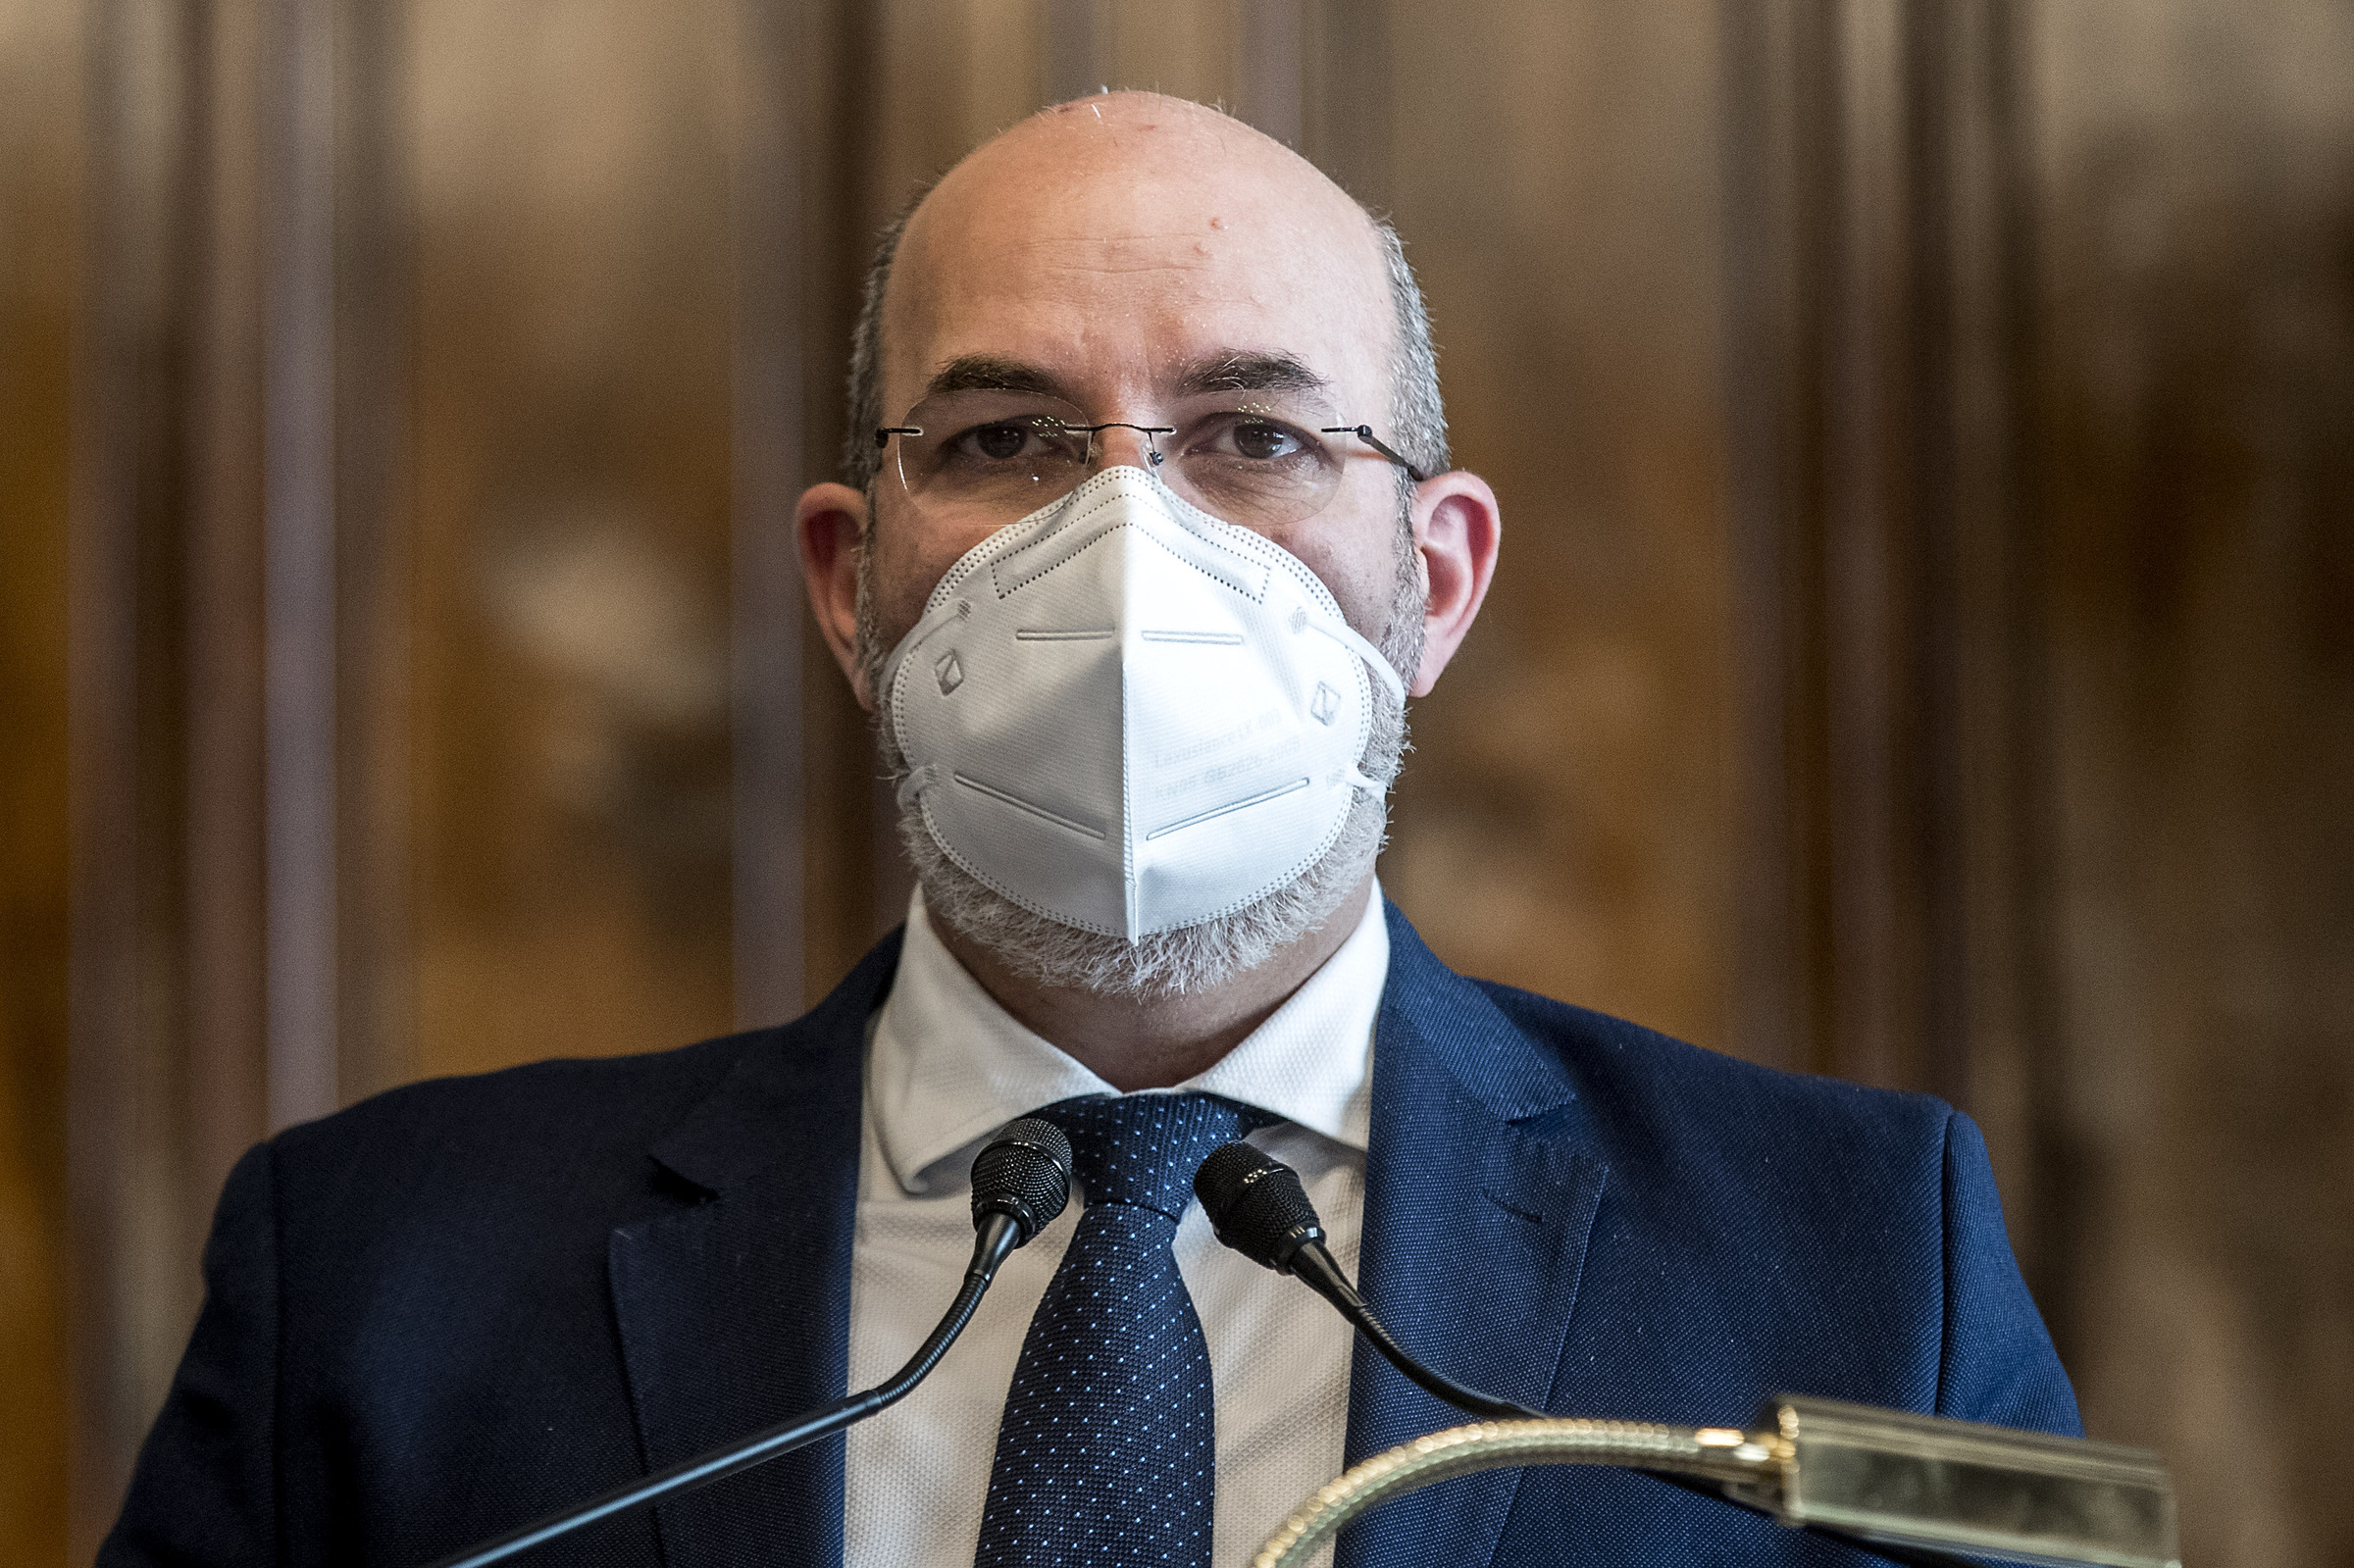 Vito Claudio Crimi